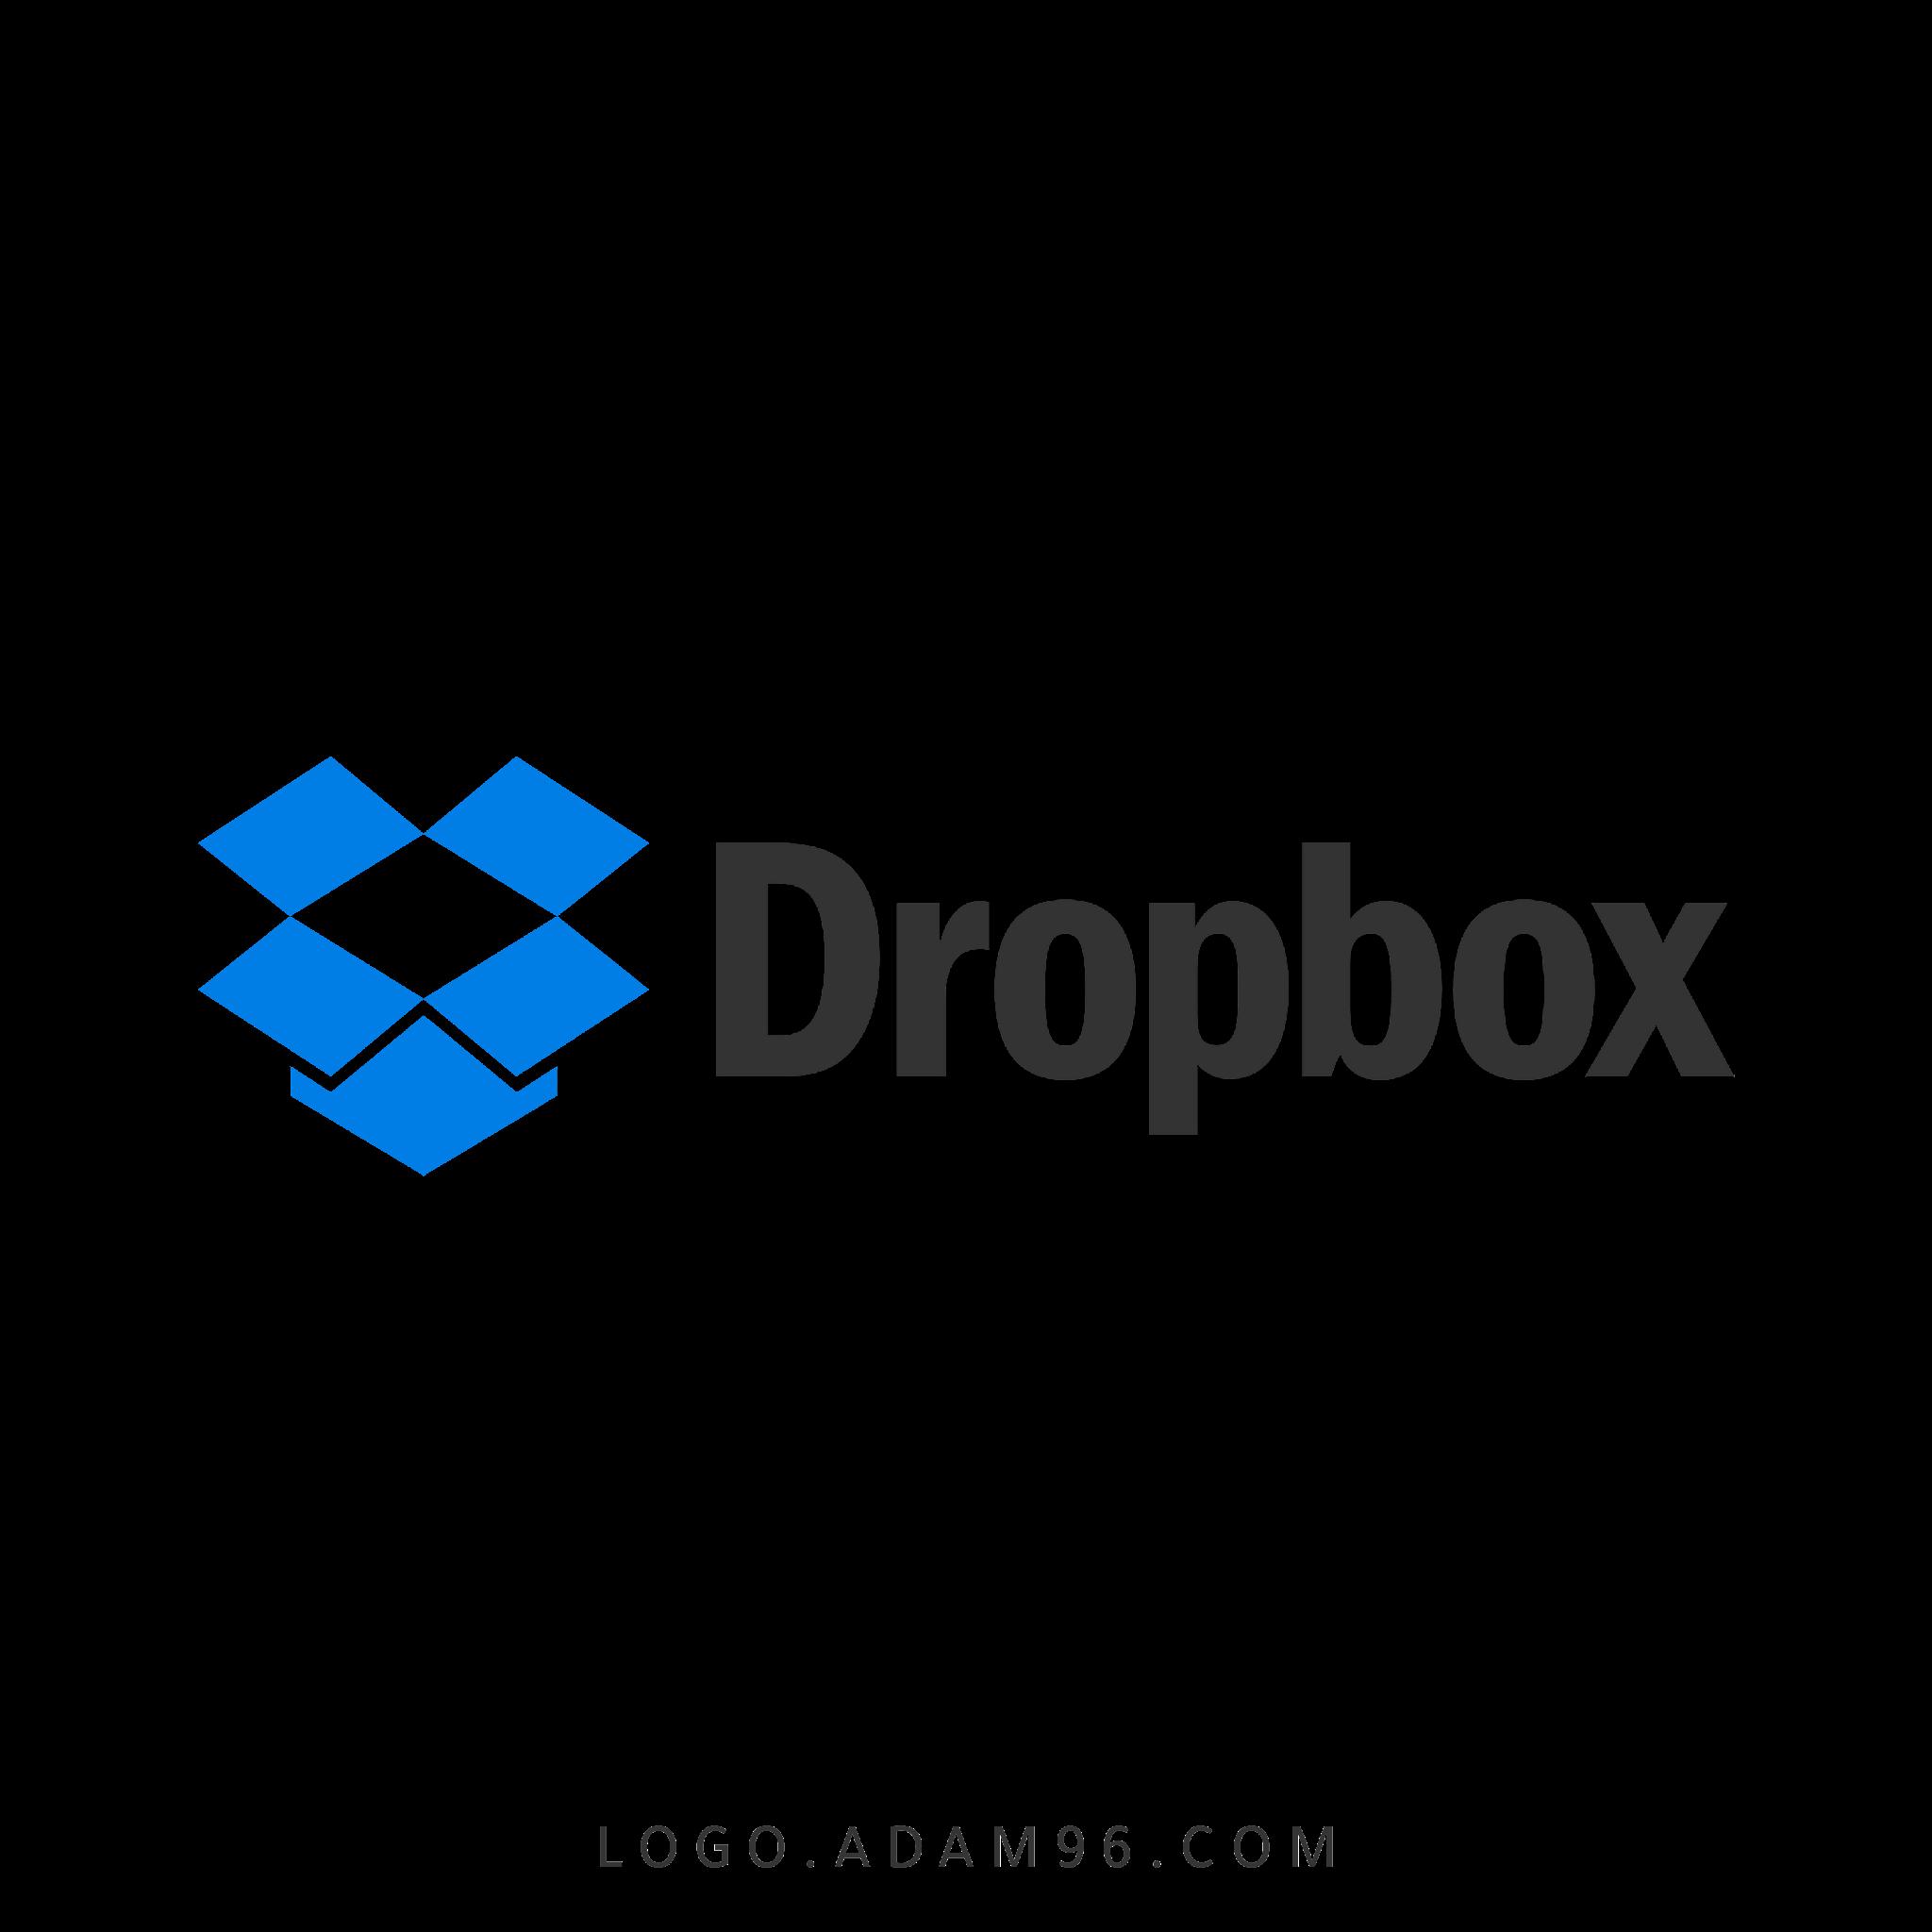 تحميل شعار موقع دروبوكس لوجو اصلي عالي الدقة بصيغة شفافة Logo Dropbox PNG